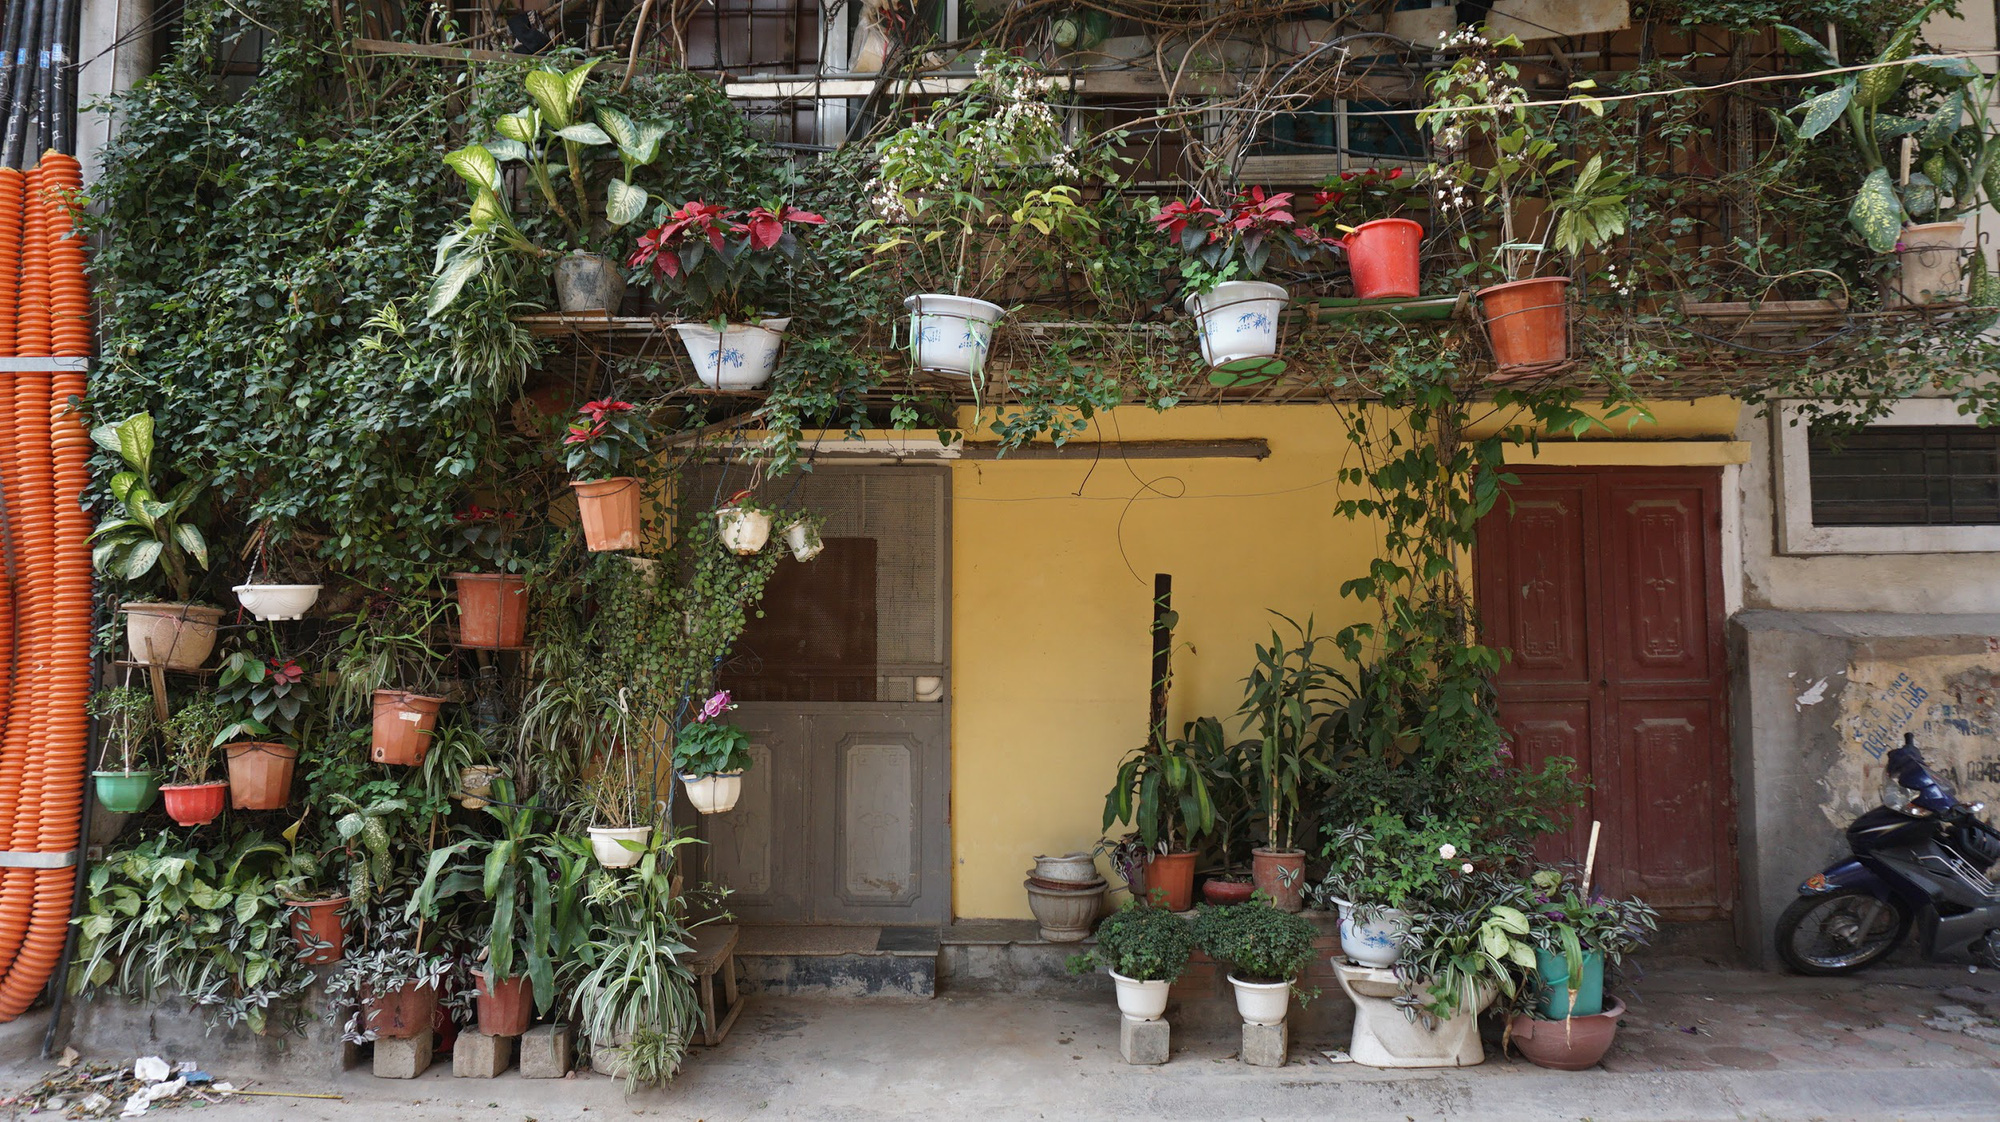 Nhà cây 5 tầng phủ kín hoa giấy ở Hà Nội, ai đi qua cũng dừng lại ngắm - Ảnh 8.